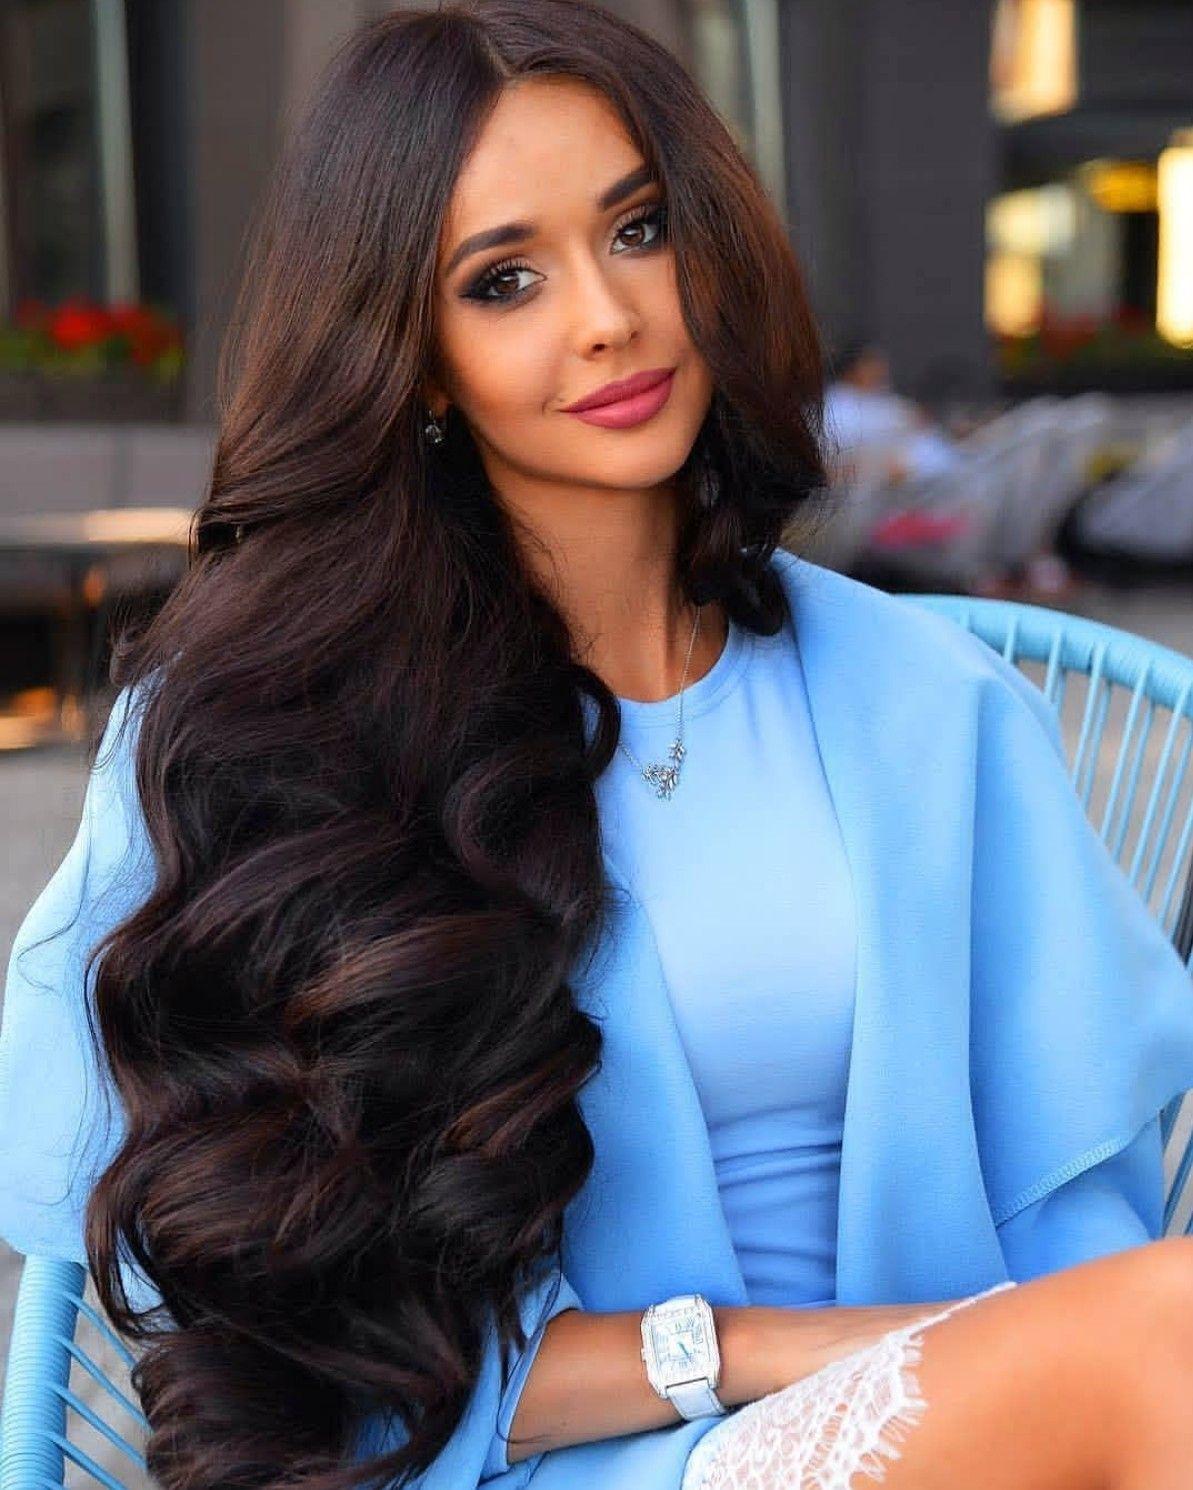 Определяем, какие стрижки на длинные густые волосы подойдут девушкам